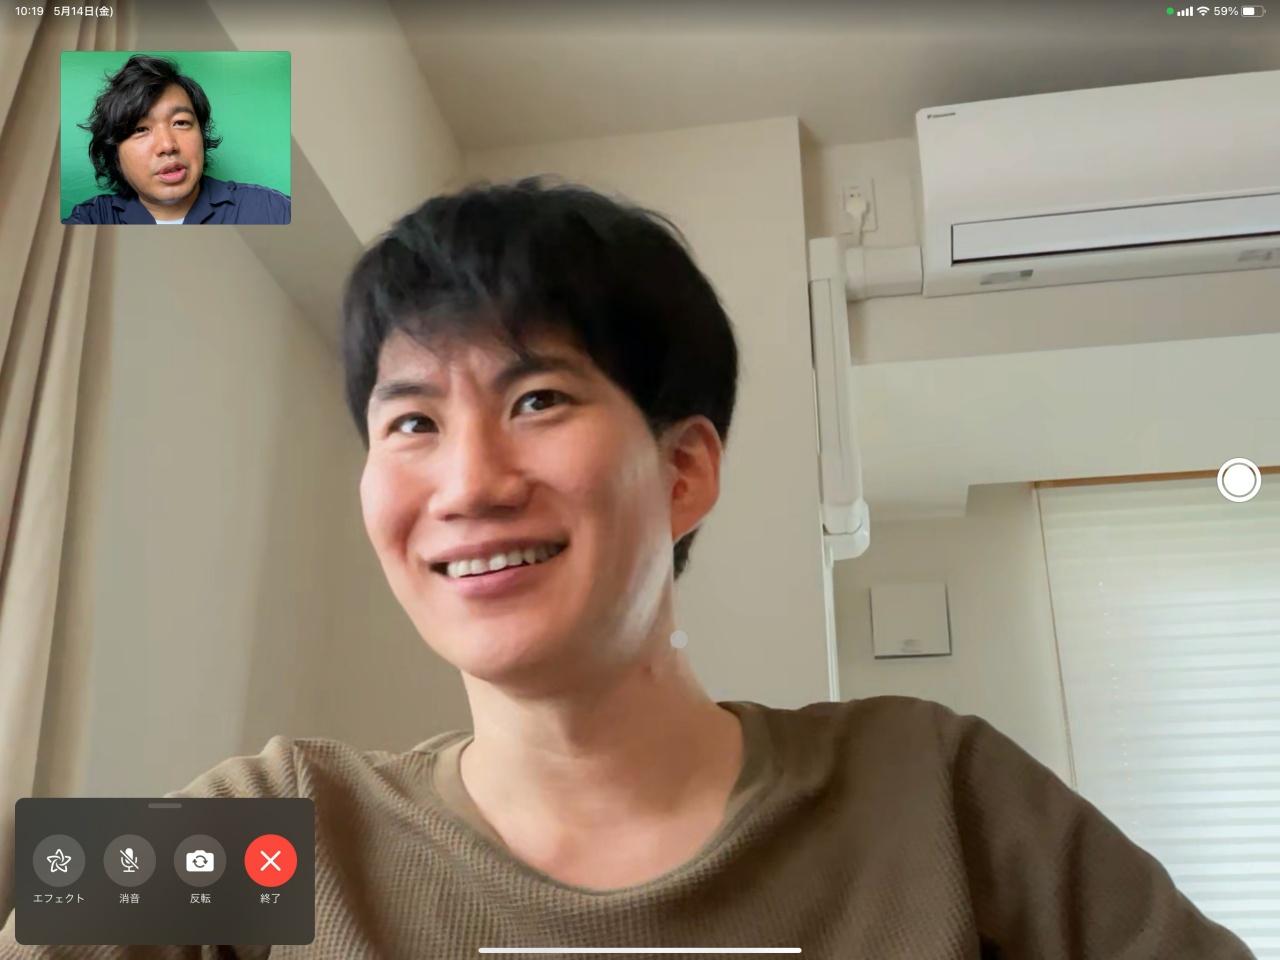 iPad Pro 5G Junya Ishino